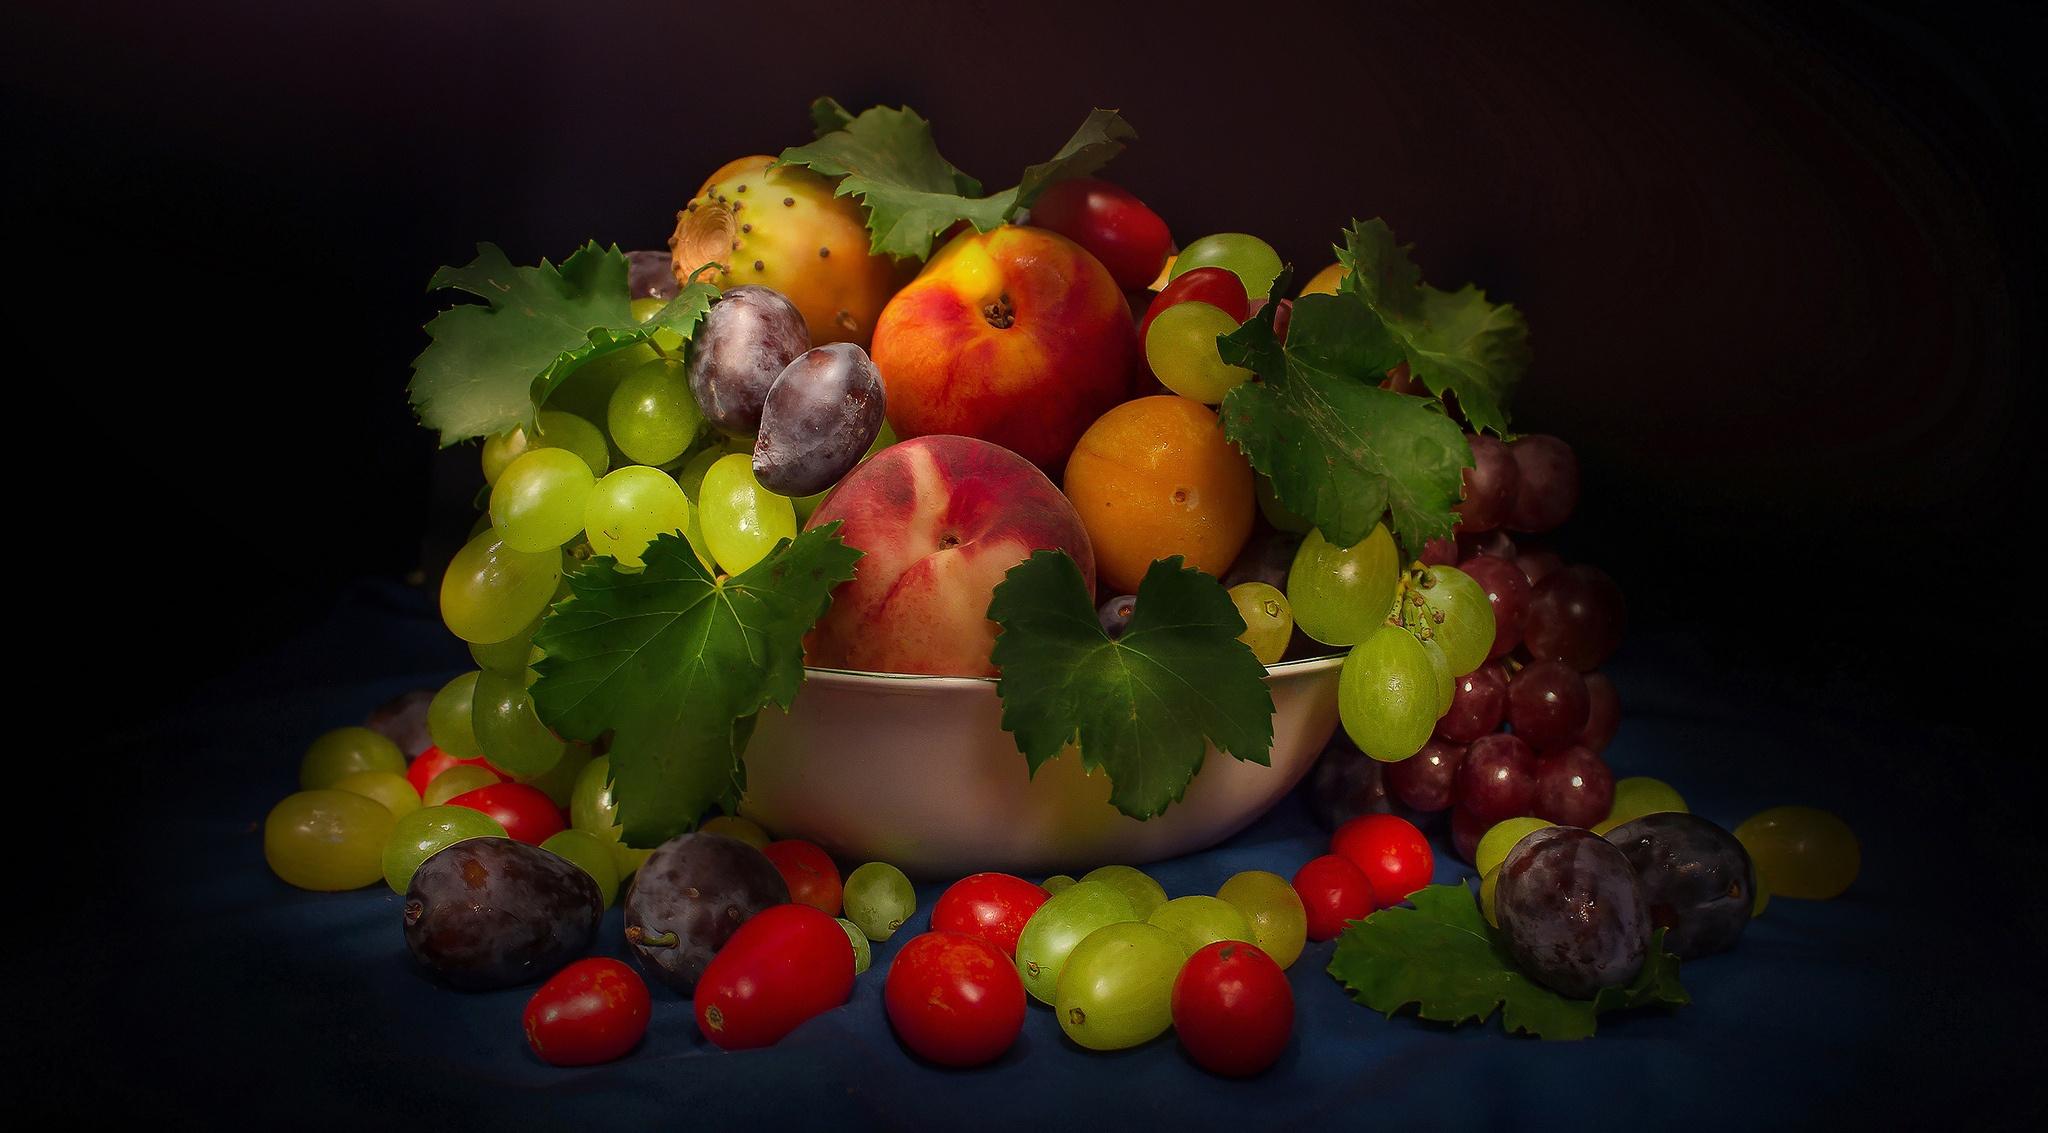 красивые картинки персики и виноград мозг отвечает